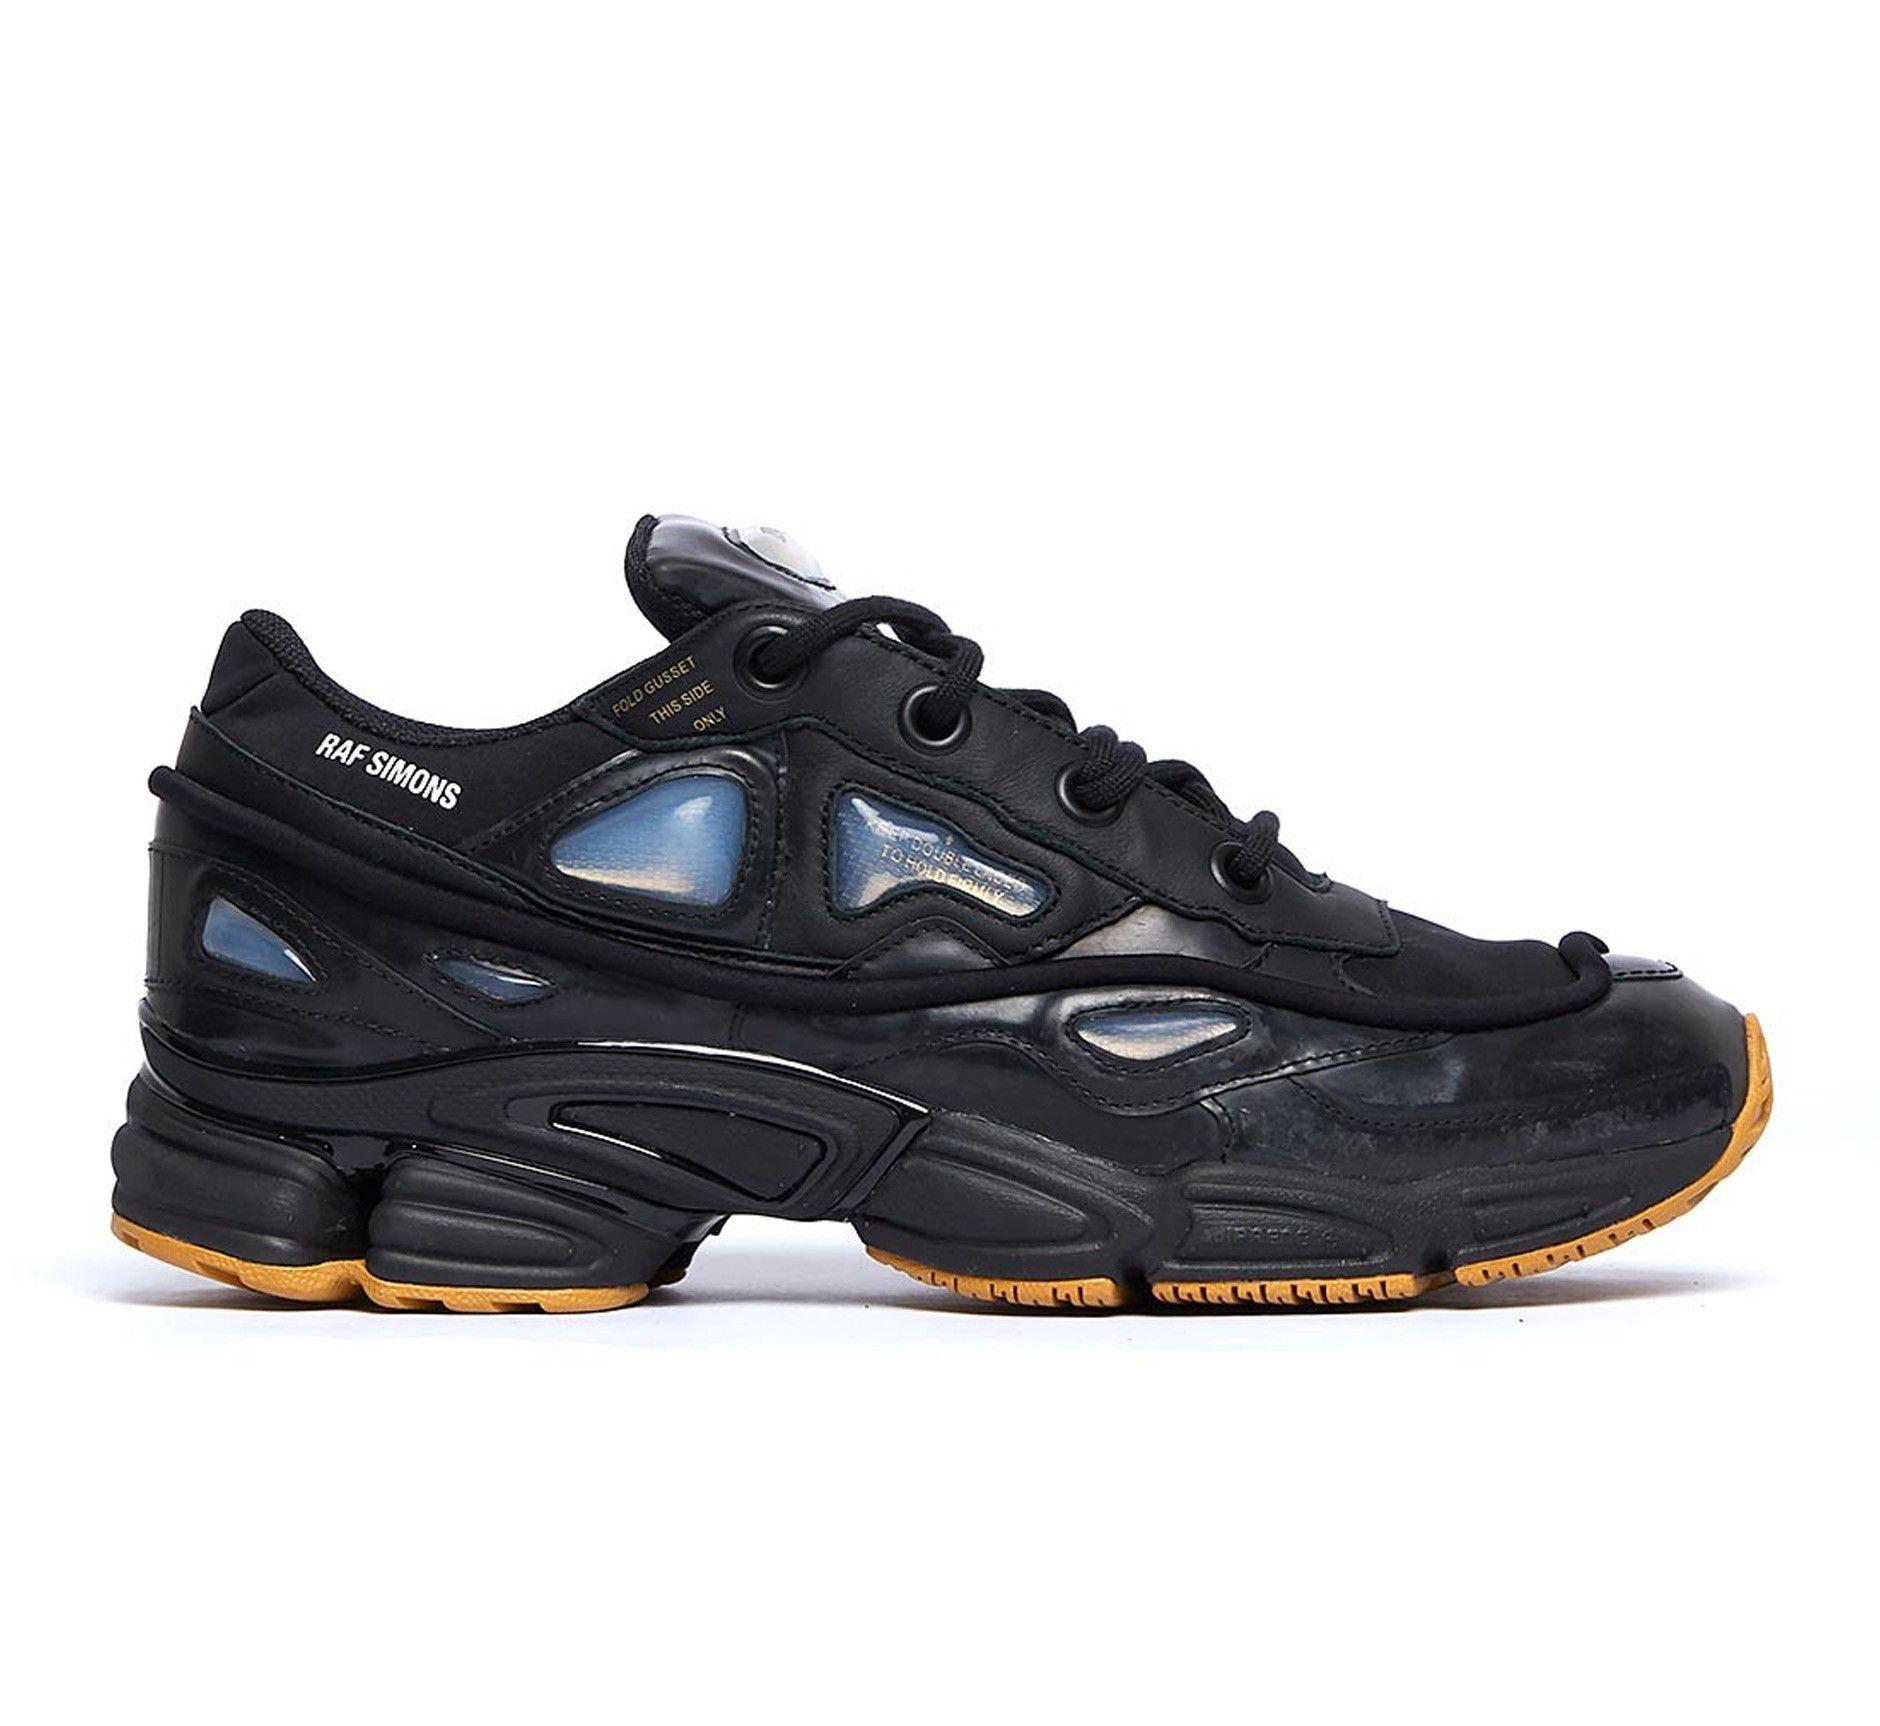 Adidas x Raf Simons Ozweego III - Black